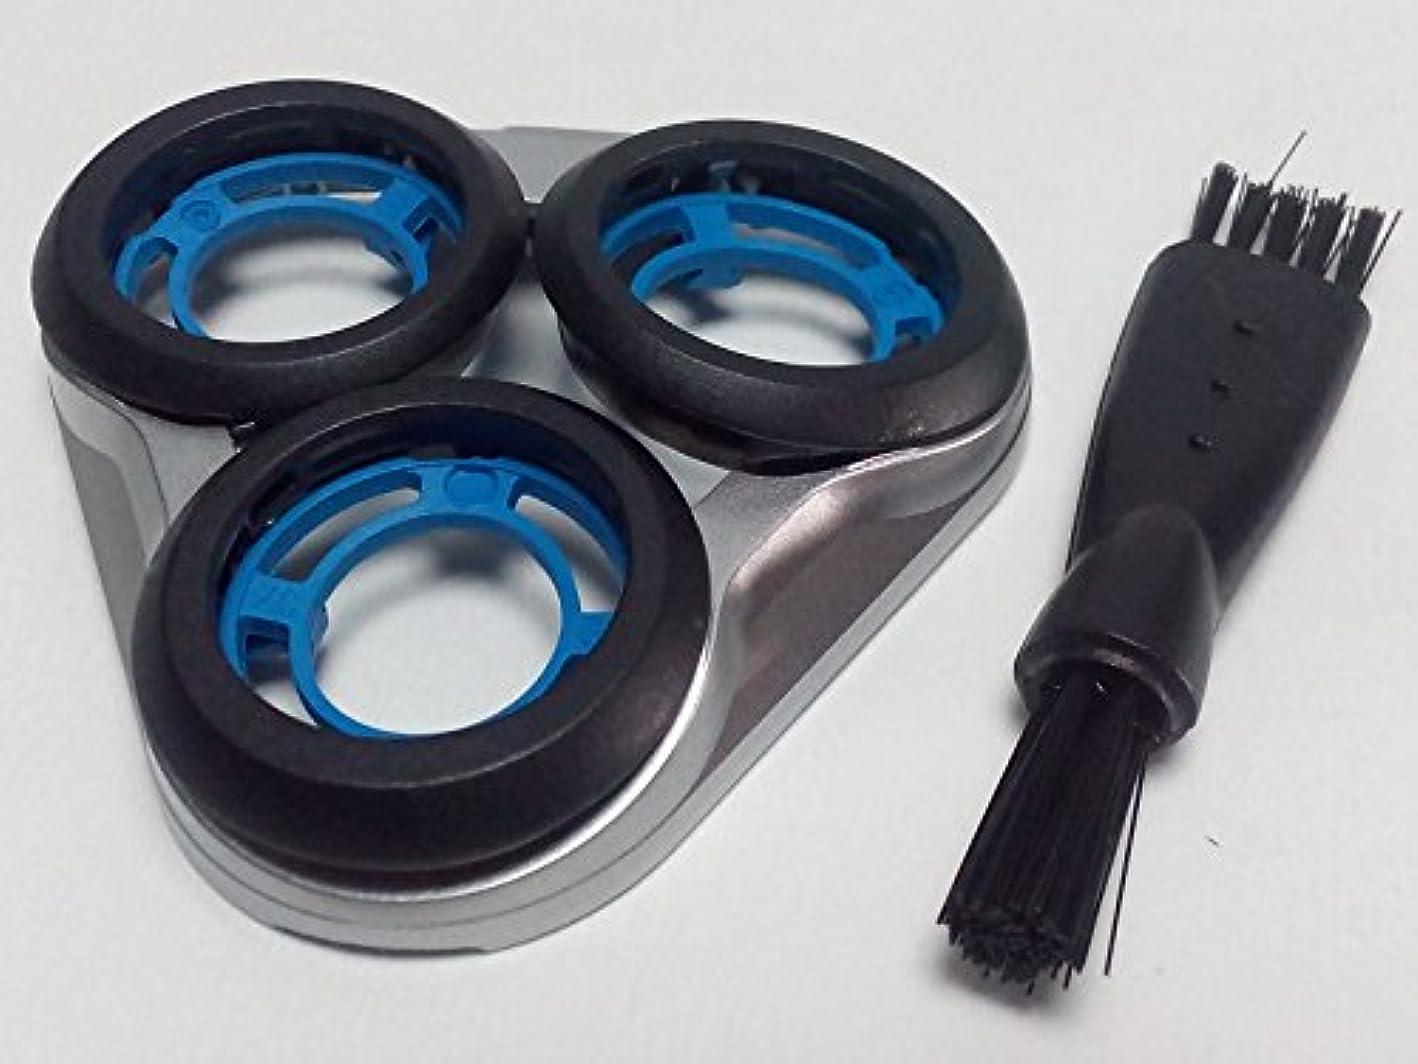 側溝ルビーマダムシェービングカミソリヘッドフレームホルダーカバー フィリップス Philips S5000 Series:S5570 S5560 S5380 S5370 S5230 S5210 S5130 S5130/06 シルバー Shaver Razor Head Frame Holder Cover